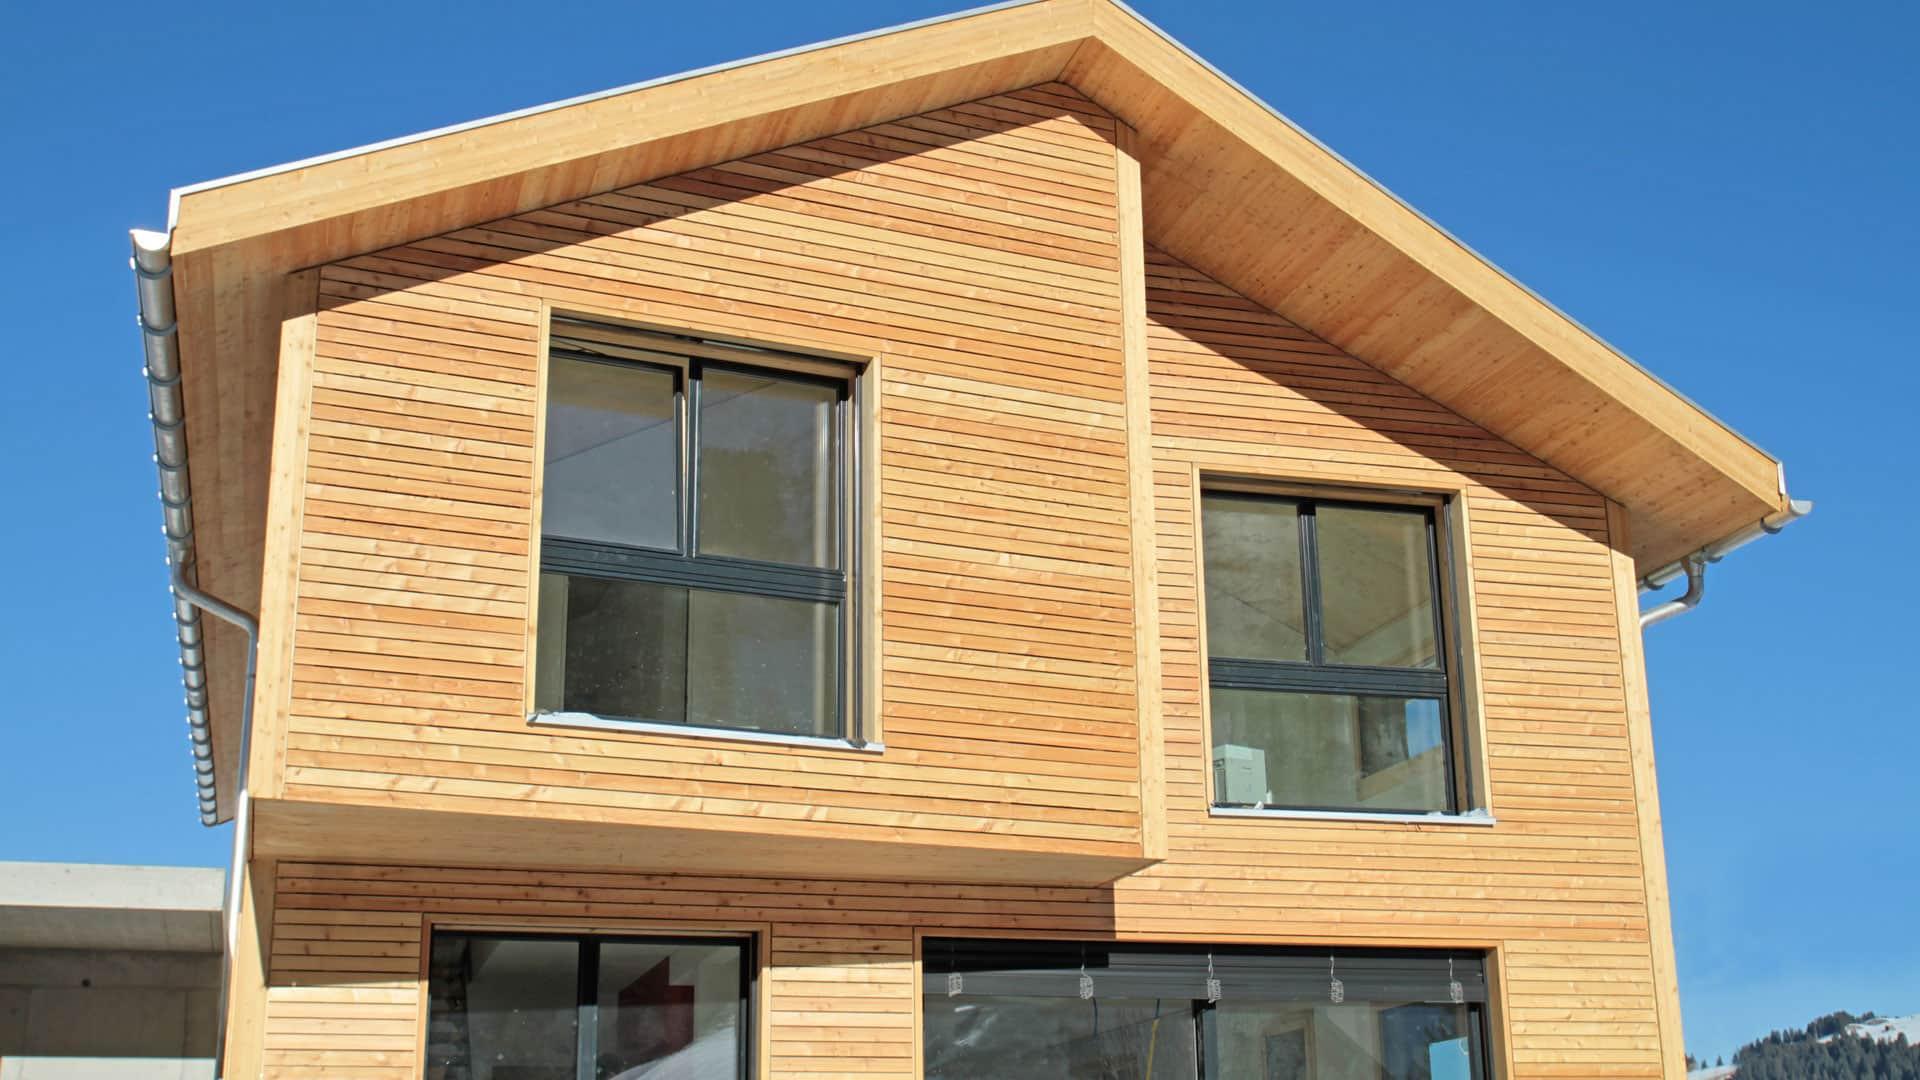 Aus Liebe zum Holz: Das Holzhaus